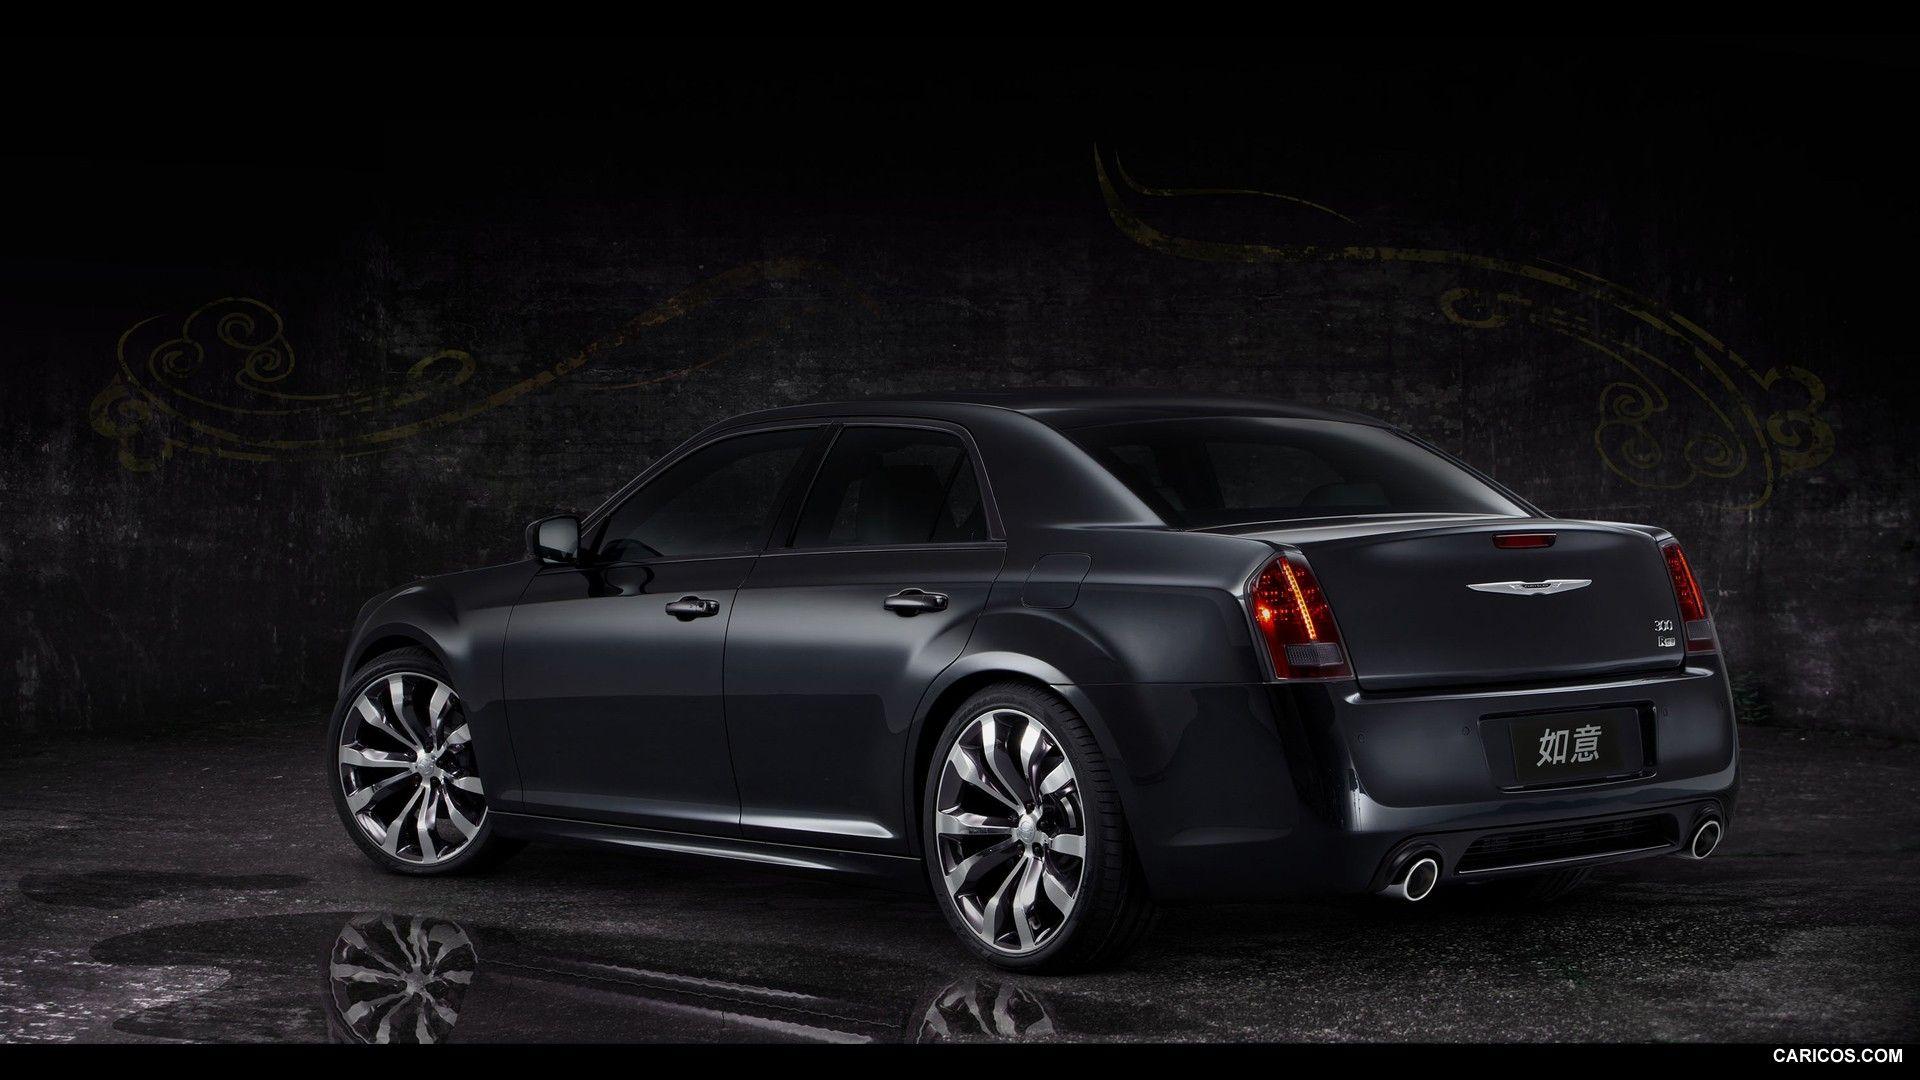 2018 Chrysler Imperial Price cars and Trucks Pinterest